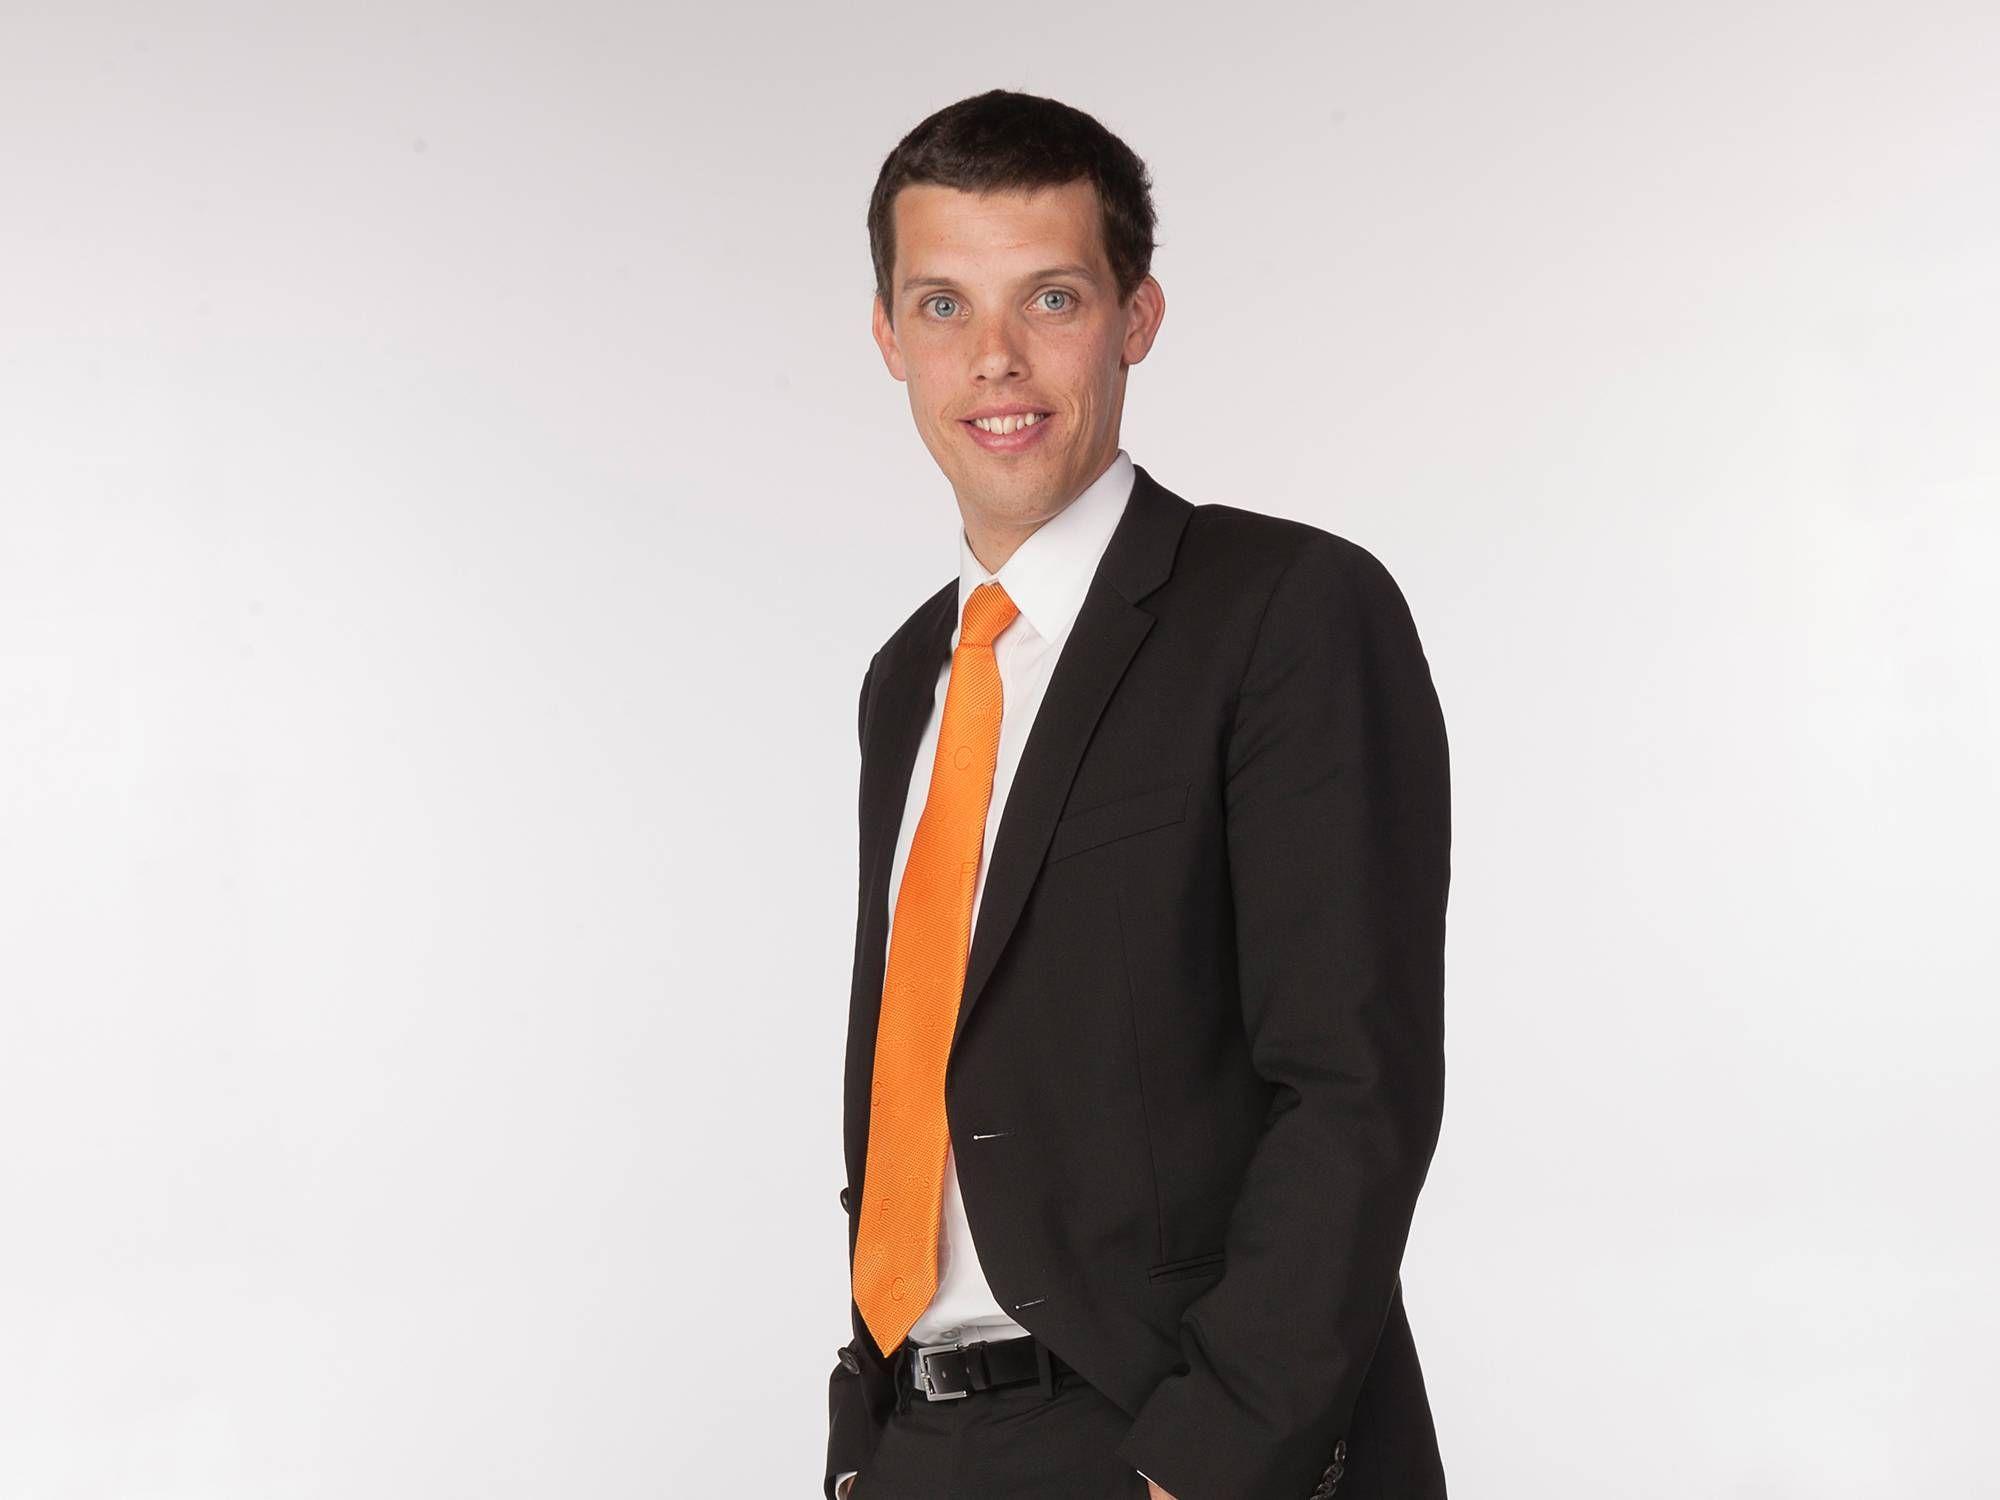 testo-NV-SA-Jeroen-Van-Der-Kelen-Managing-Director.-V2jpg.jpg